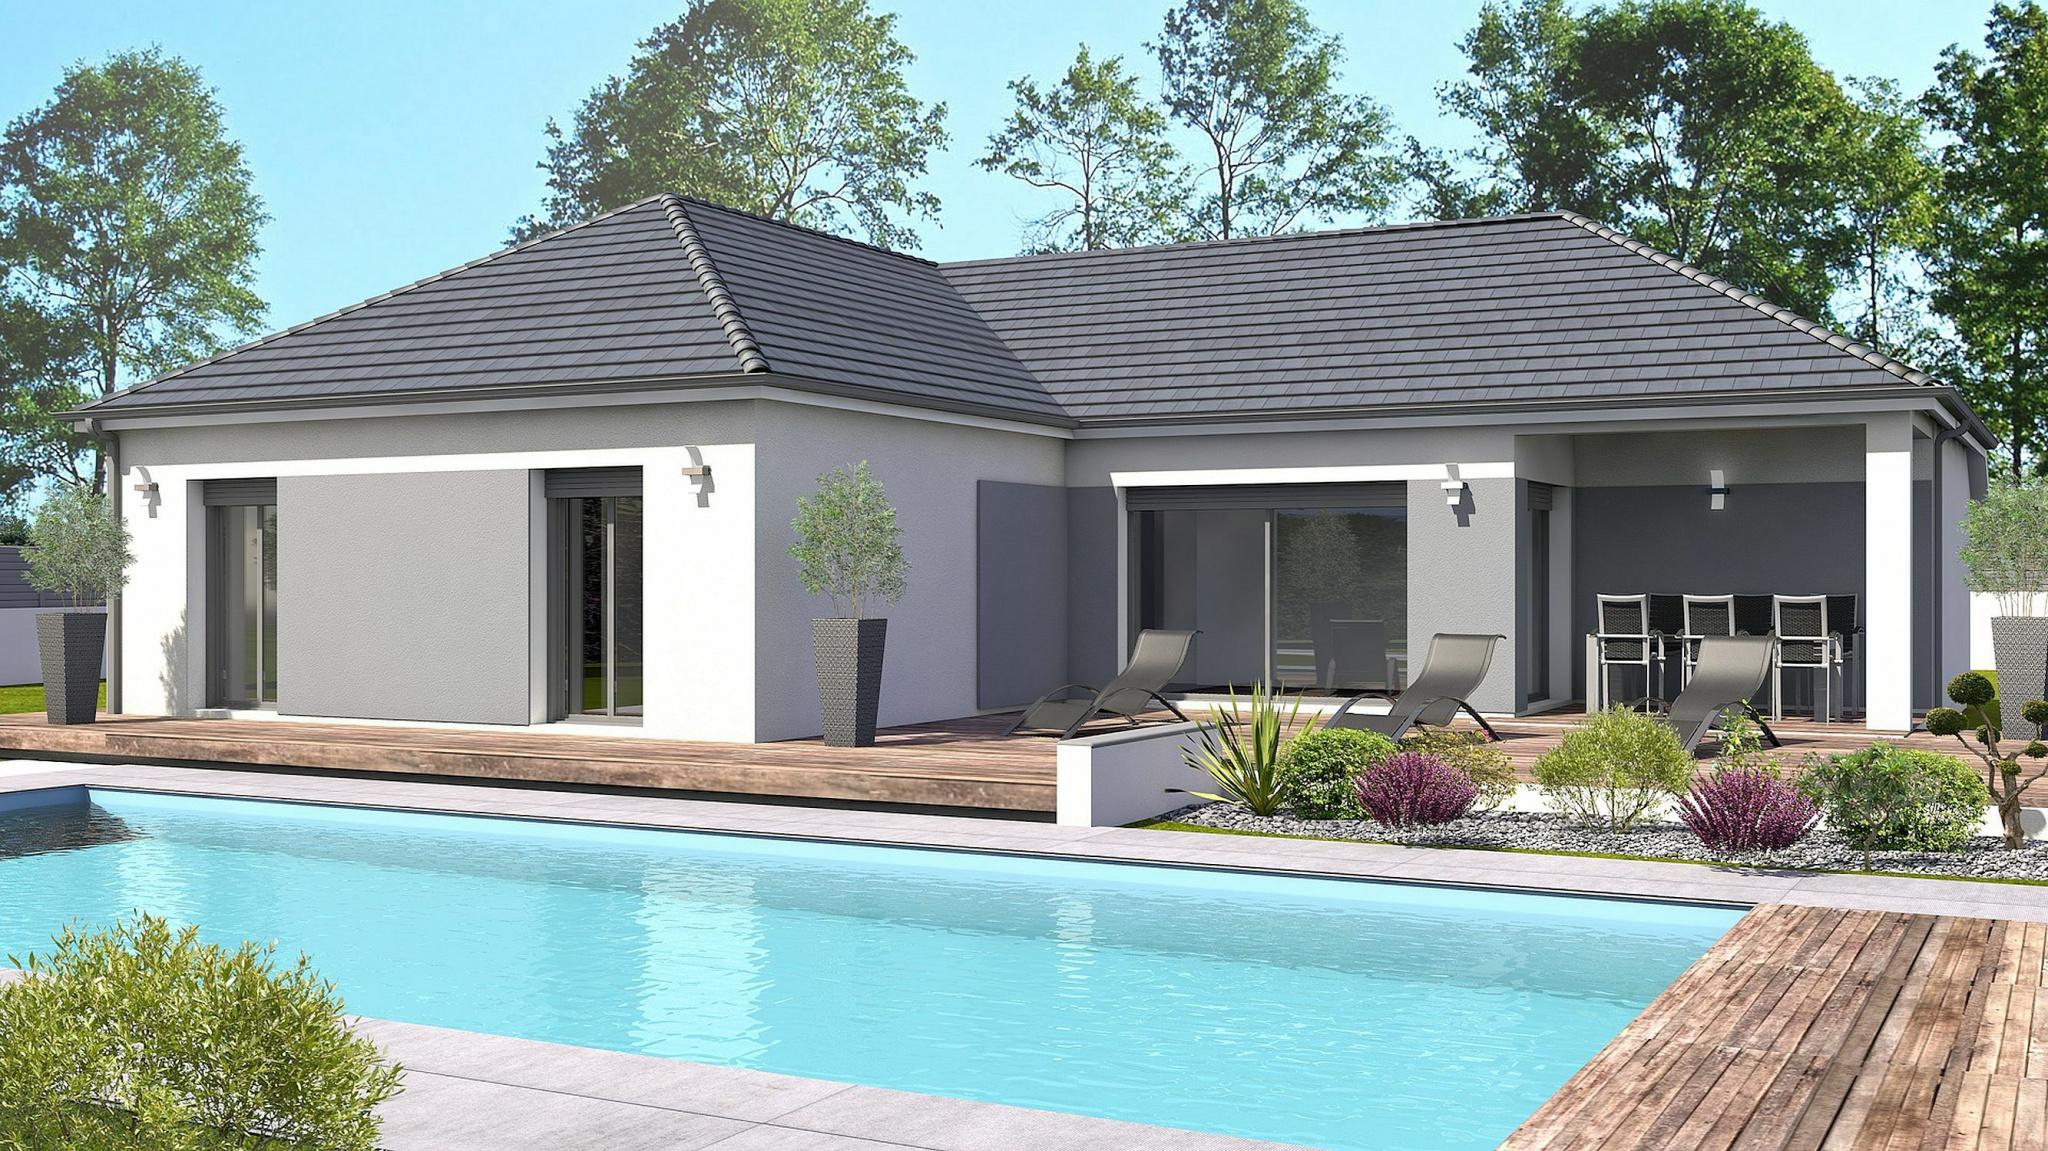 Vente maison à Uzein (64230) de 90 m2 habitable sur terrain de 666 m2